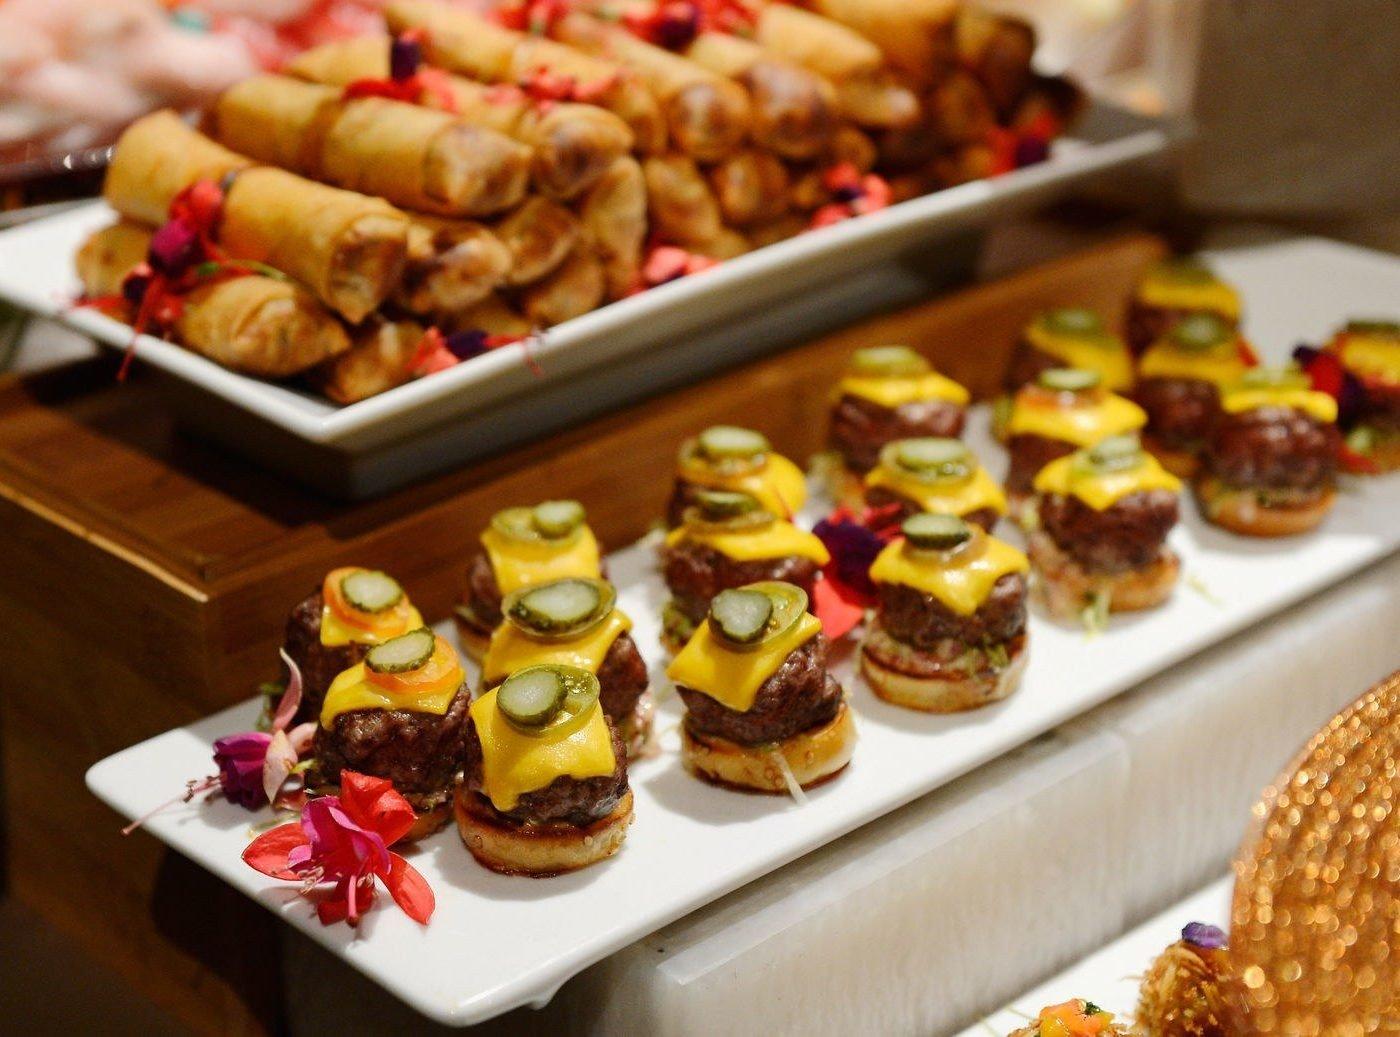 10 Fantastic Wedding Reception Food Menu Ideas finger food ideas for wedding recipes reception cold foods outdoor 2 2021